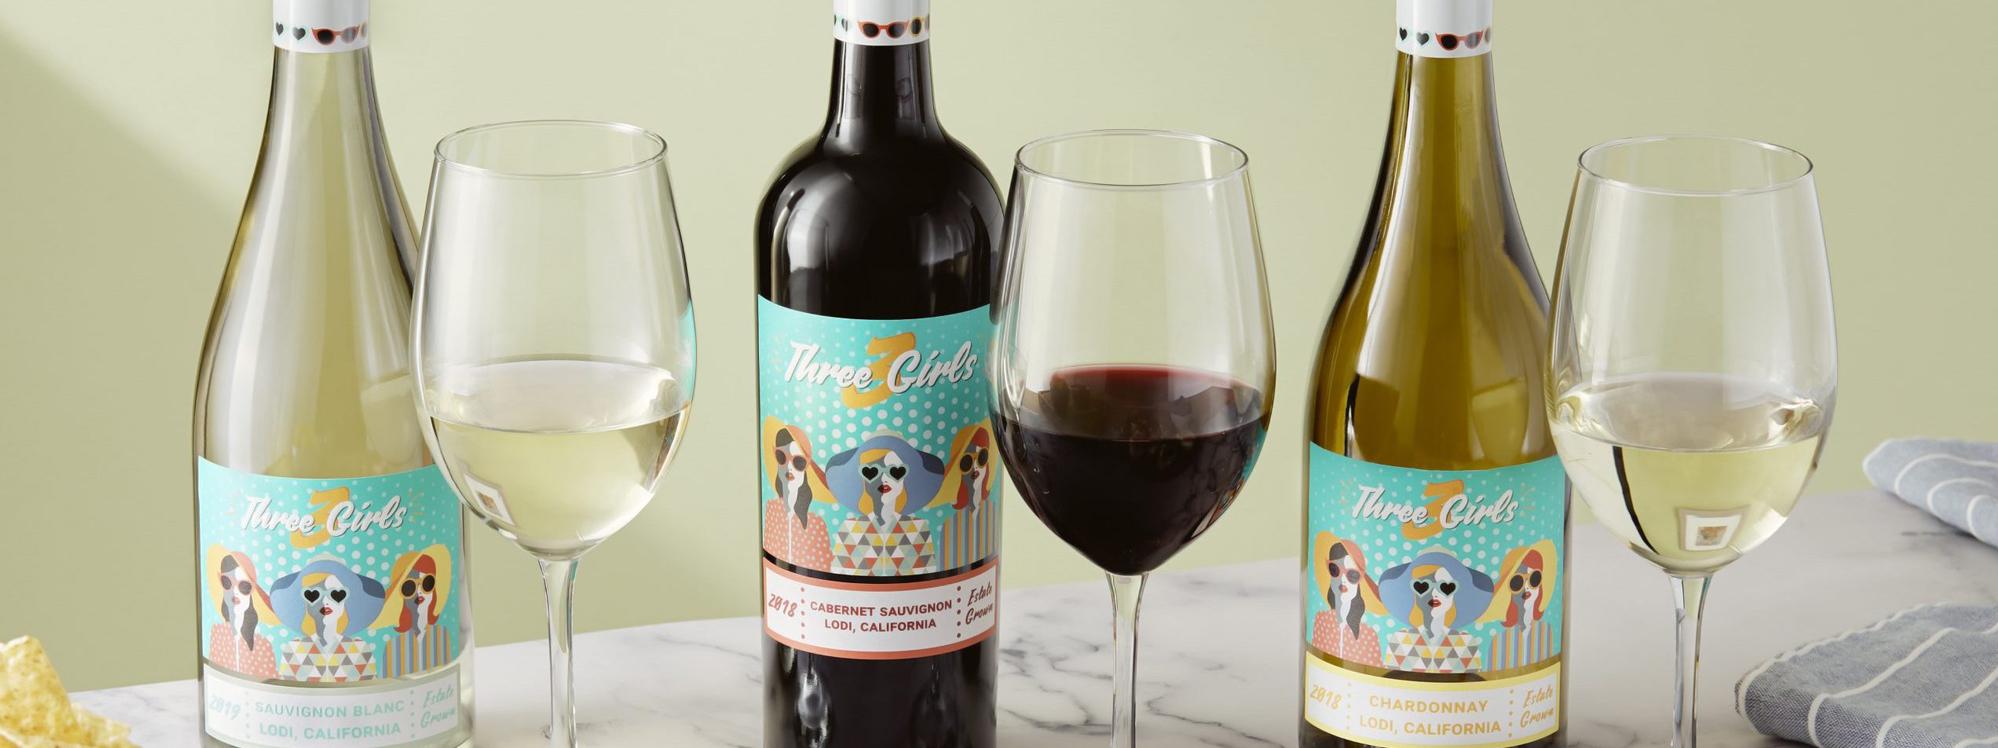 3 Girls Wine bottles